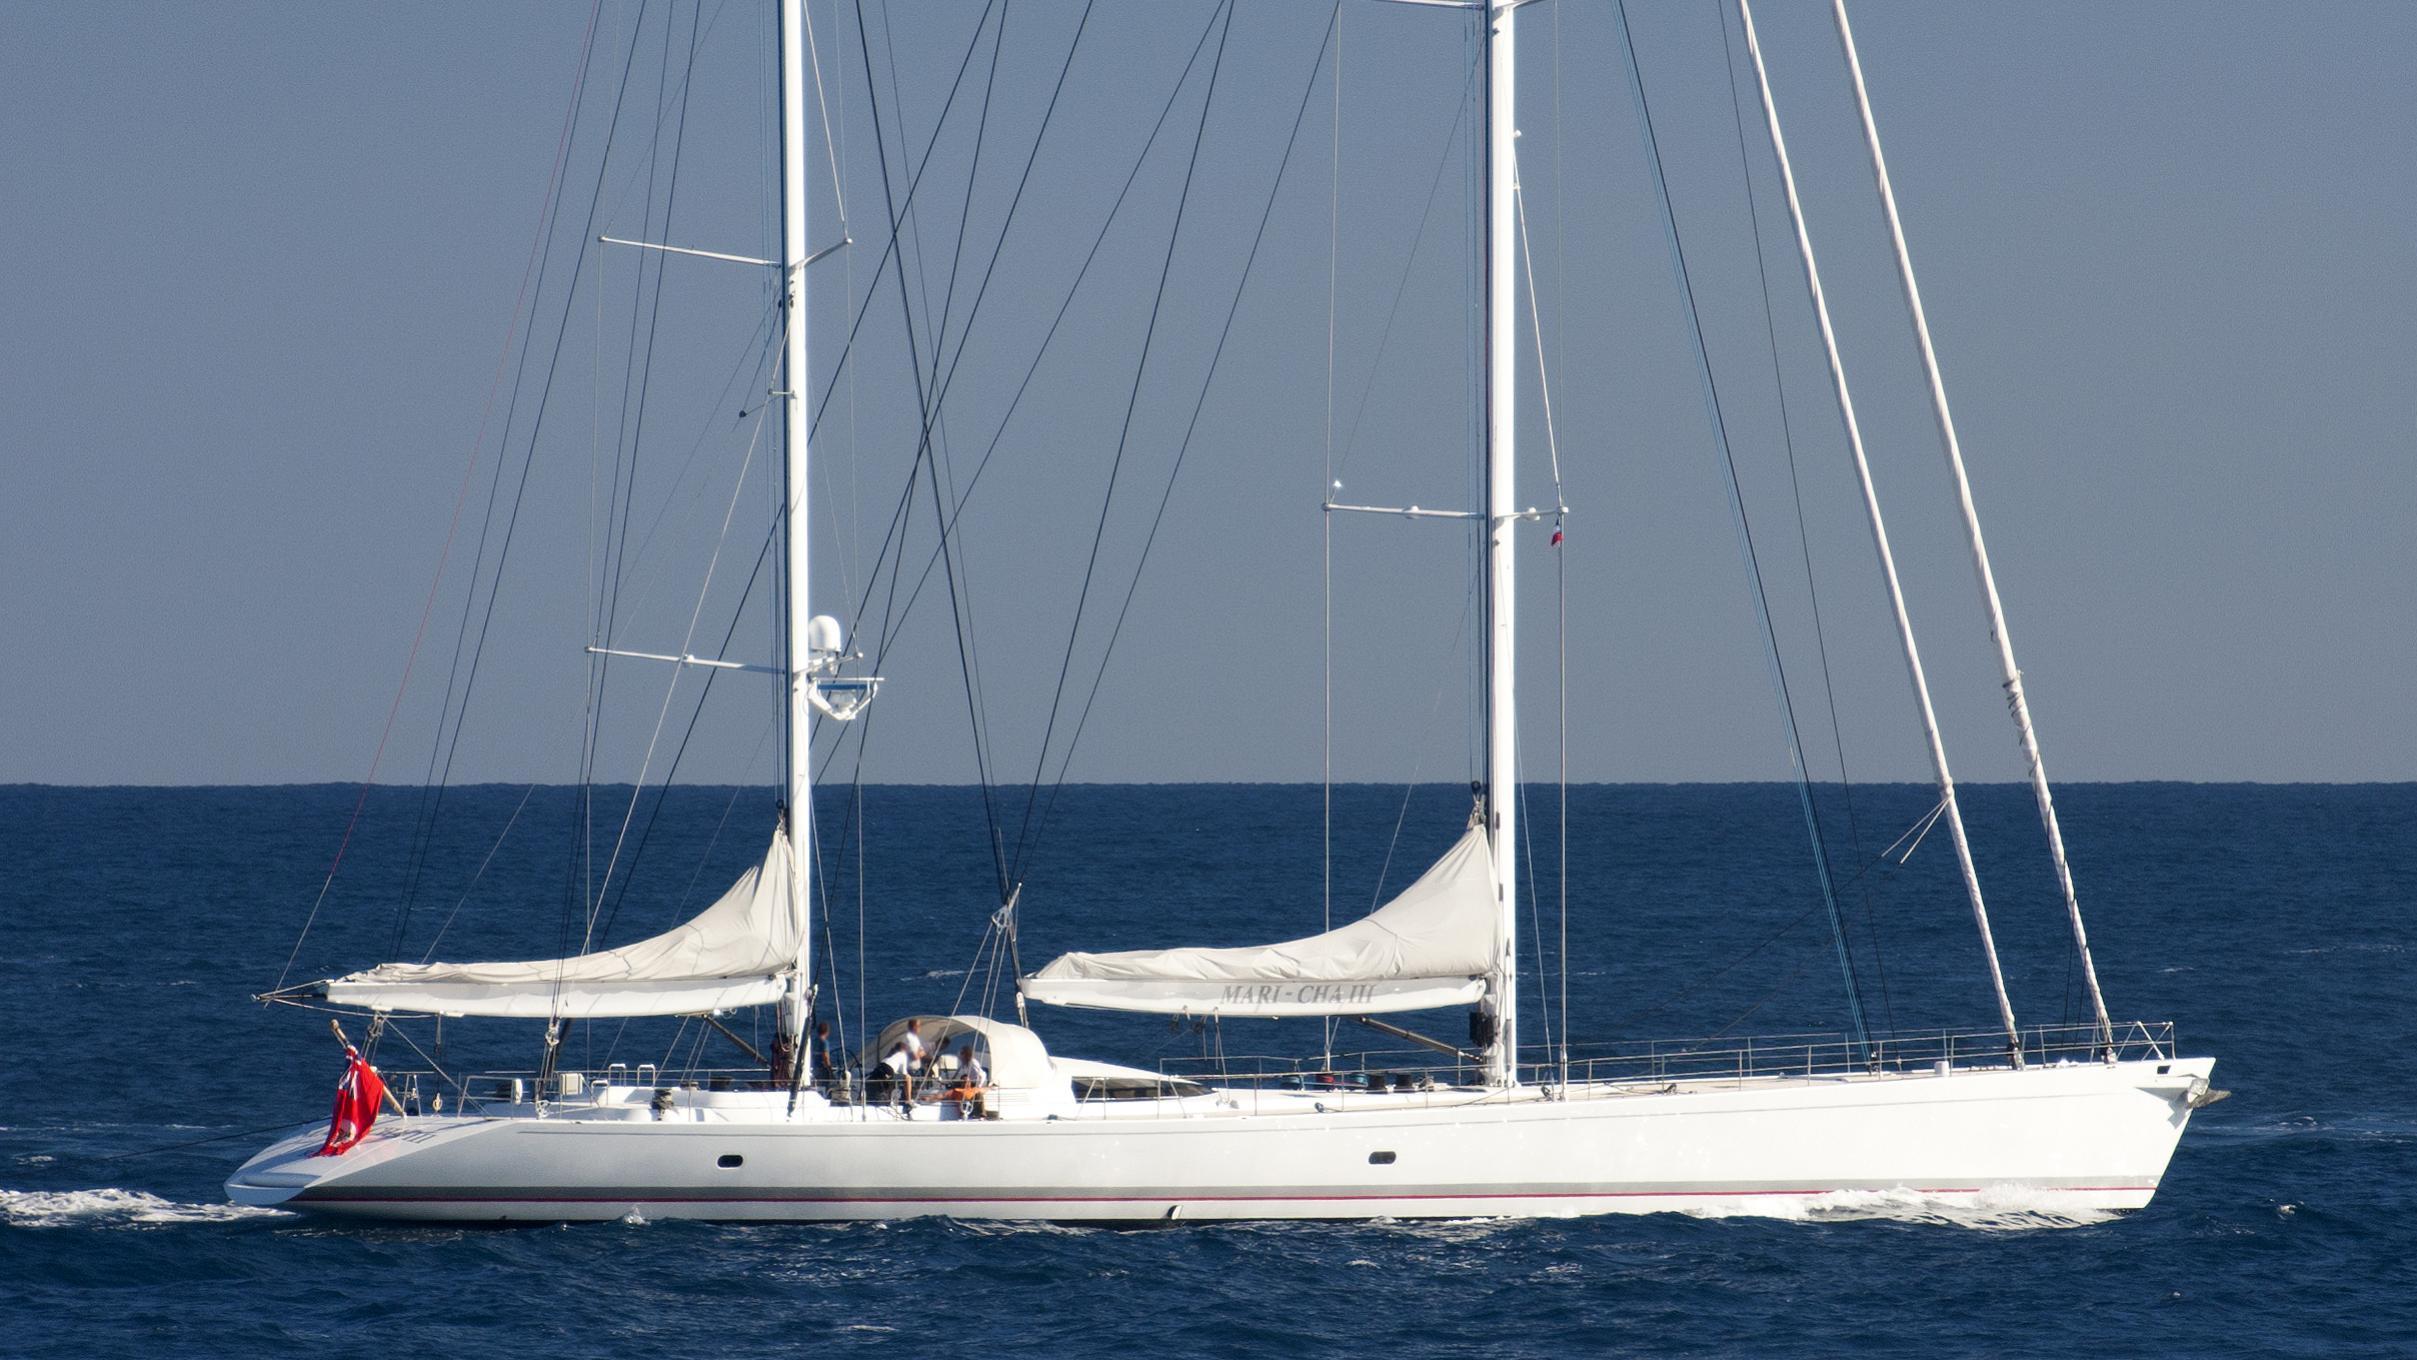 mari-cha-iii-yacht-exterior